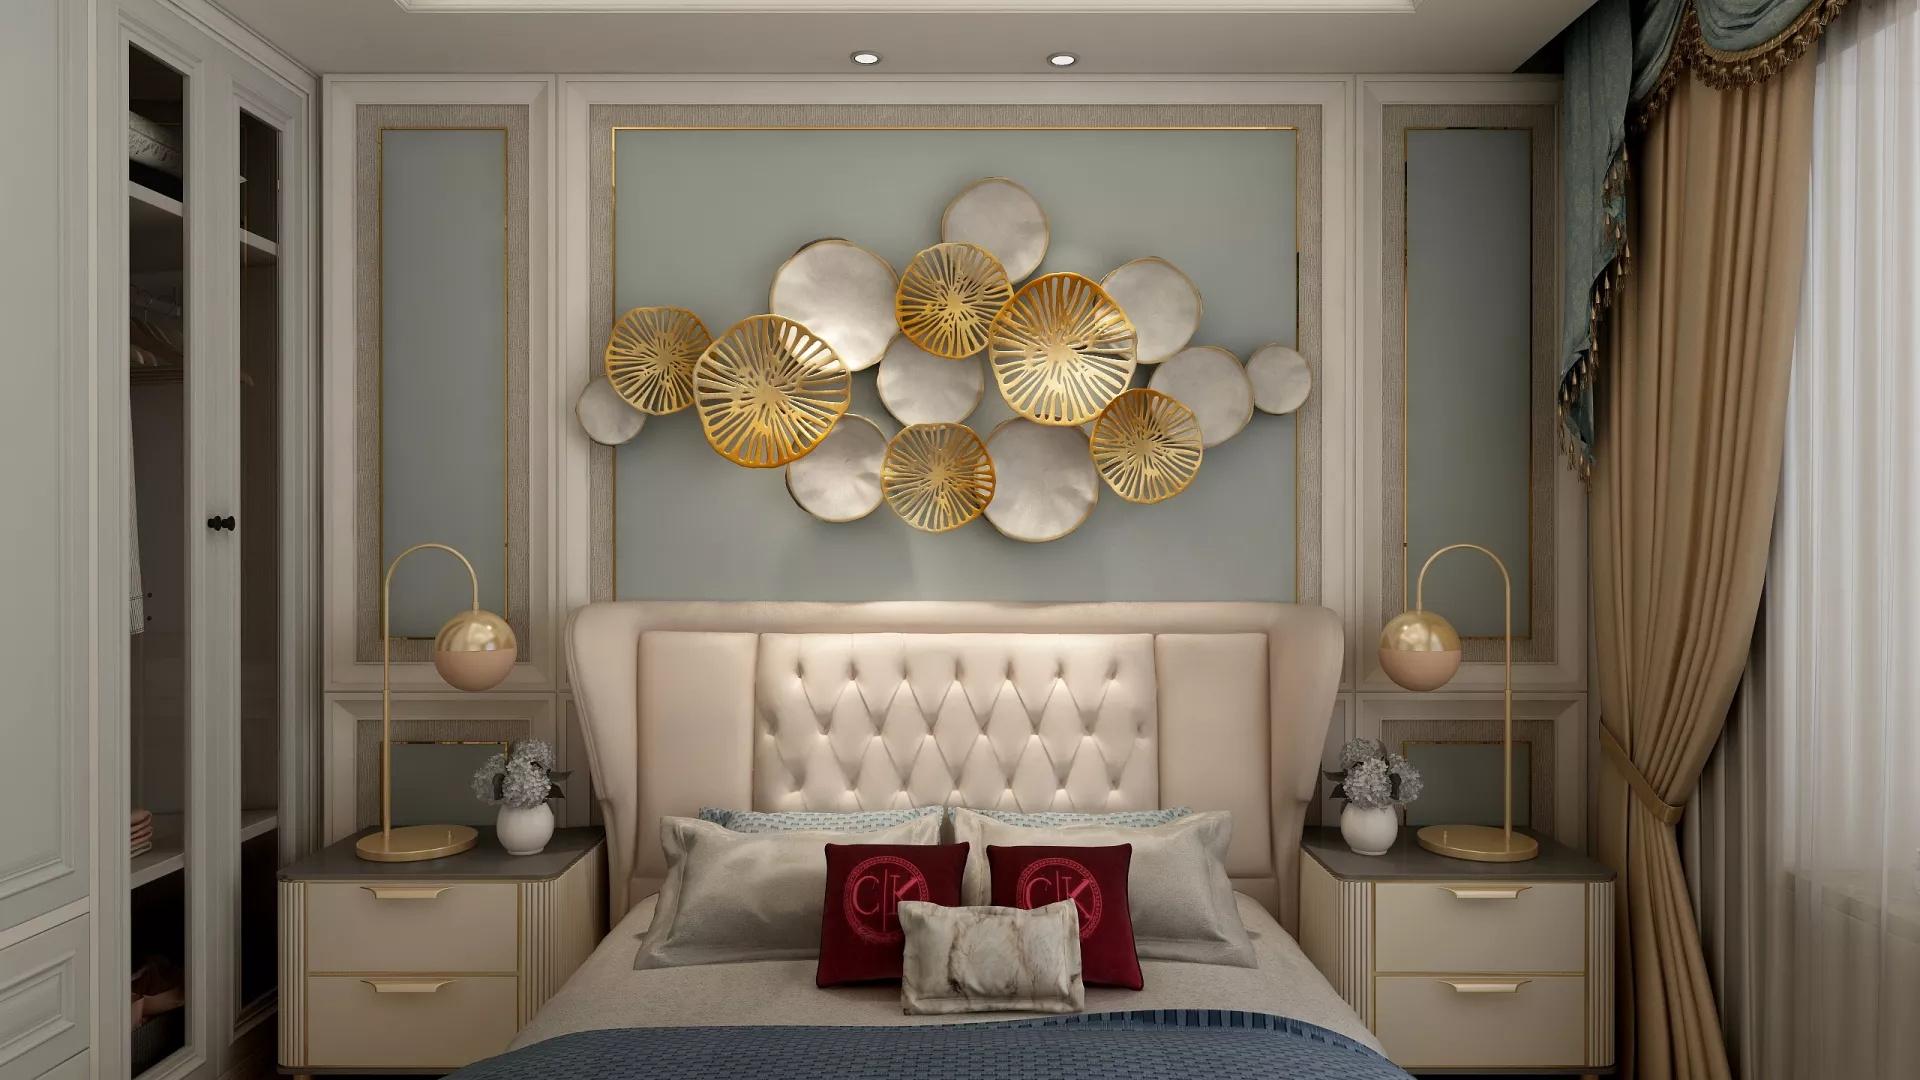 客厅做灯带好不好?客厅做灯带合适么?